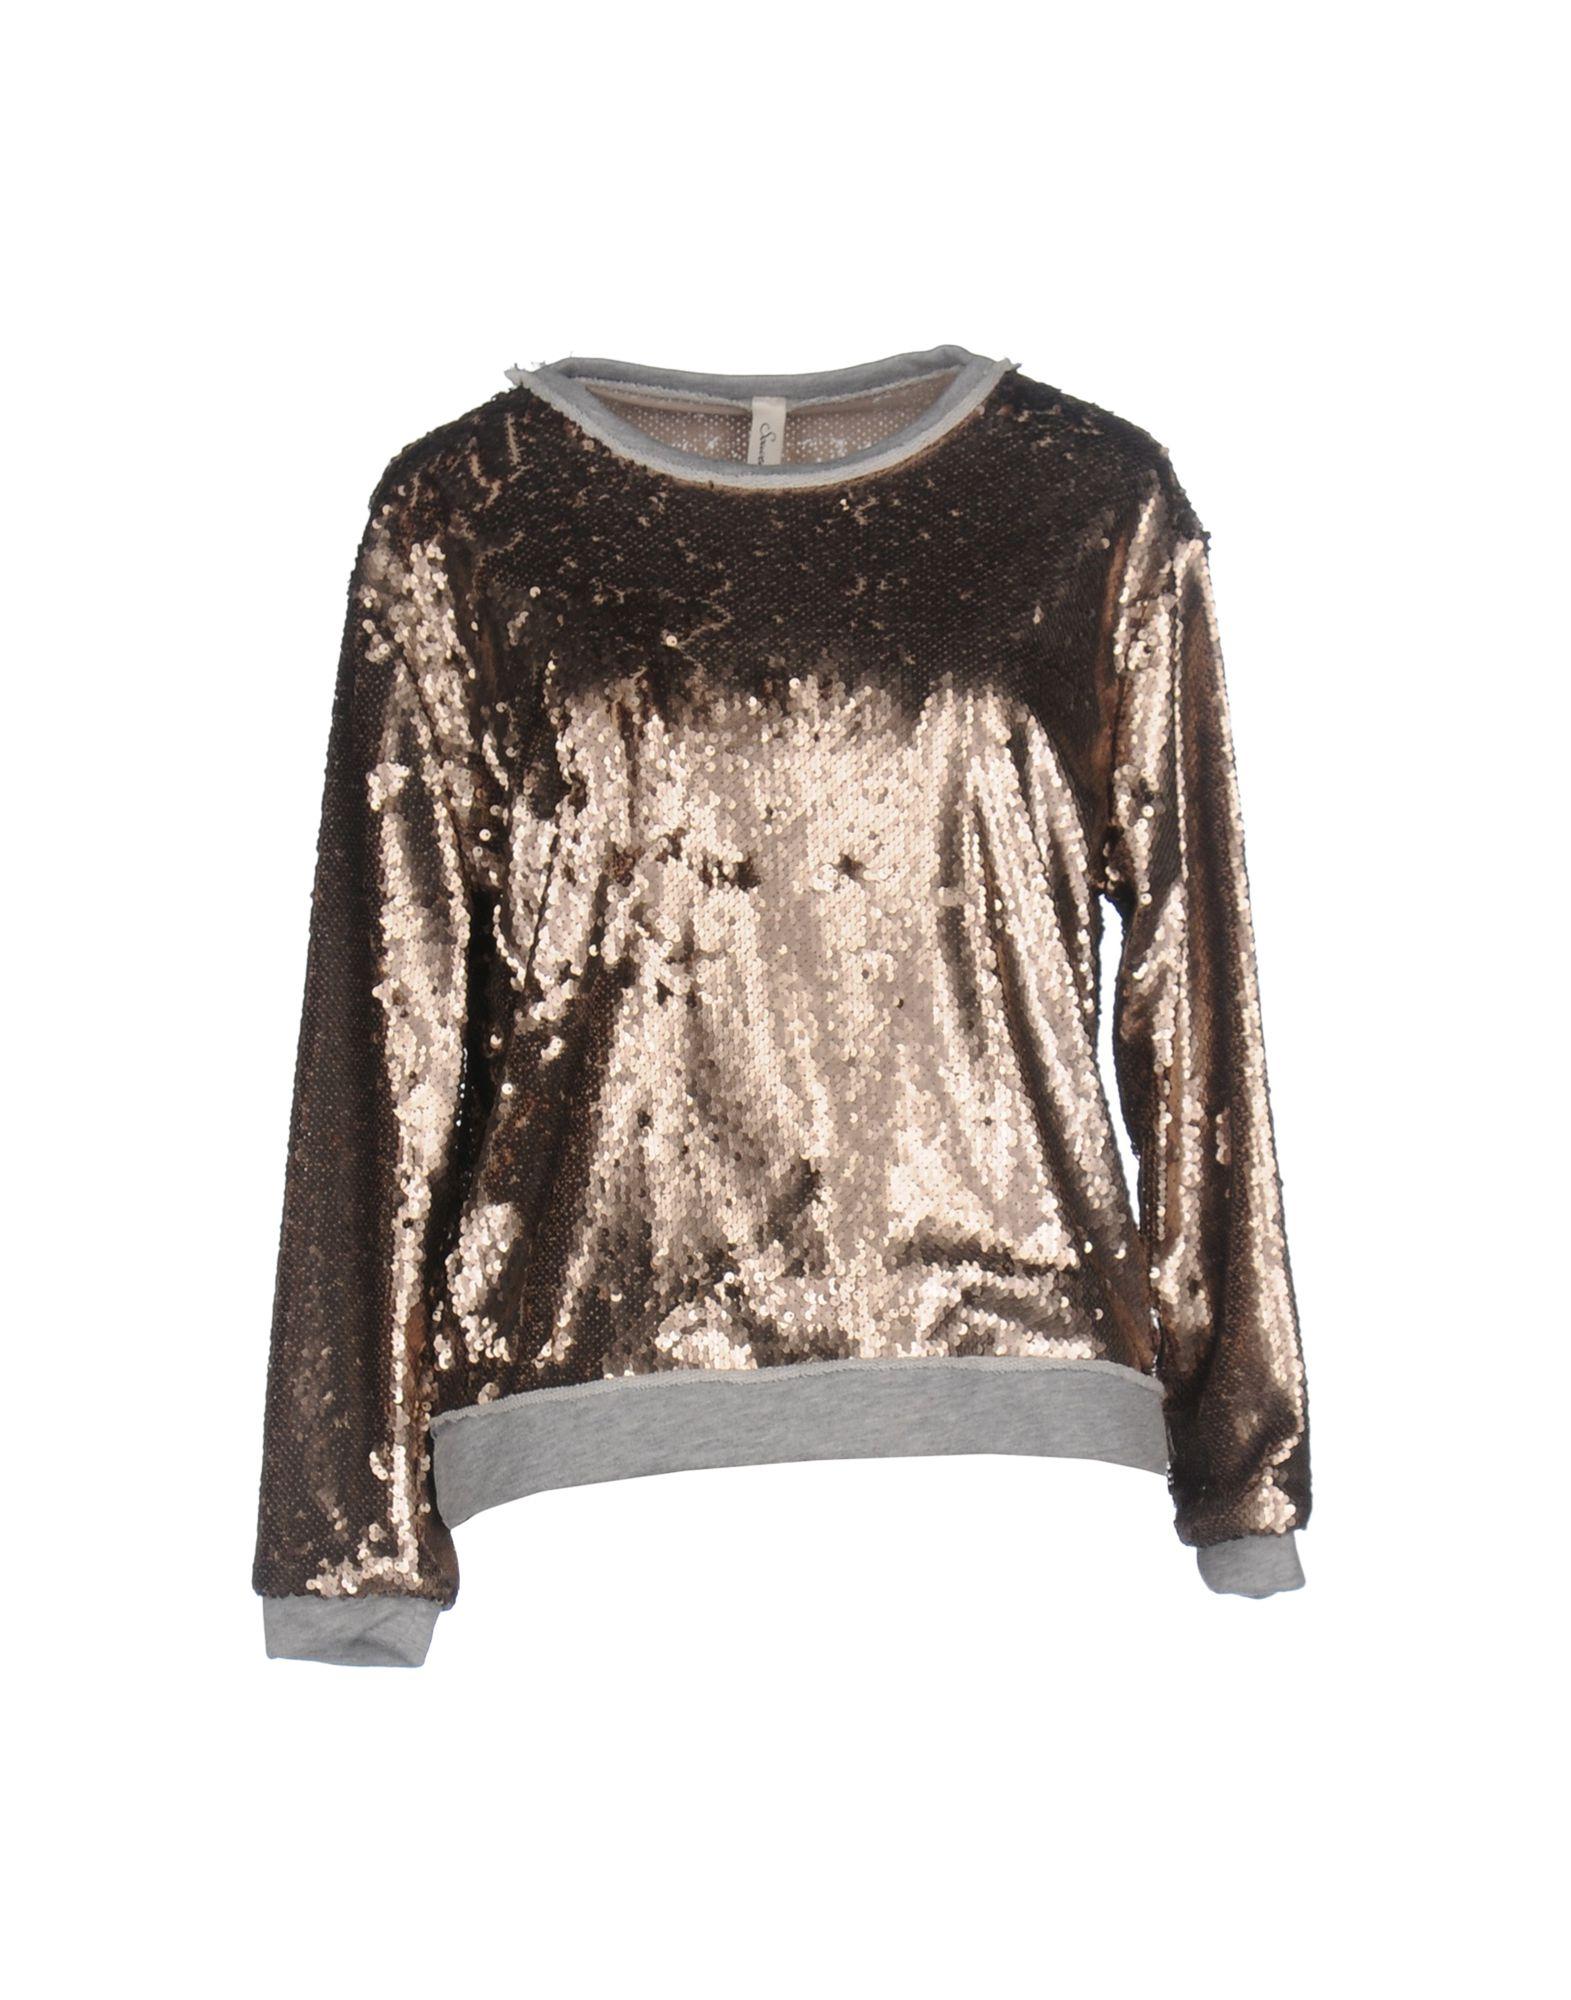 SOUVENIR Damen Sweatshirt Farbe Bronze Größe 5 jetztbilligerkaufen